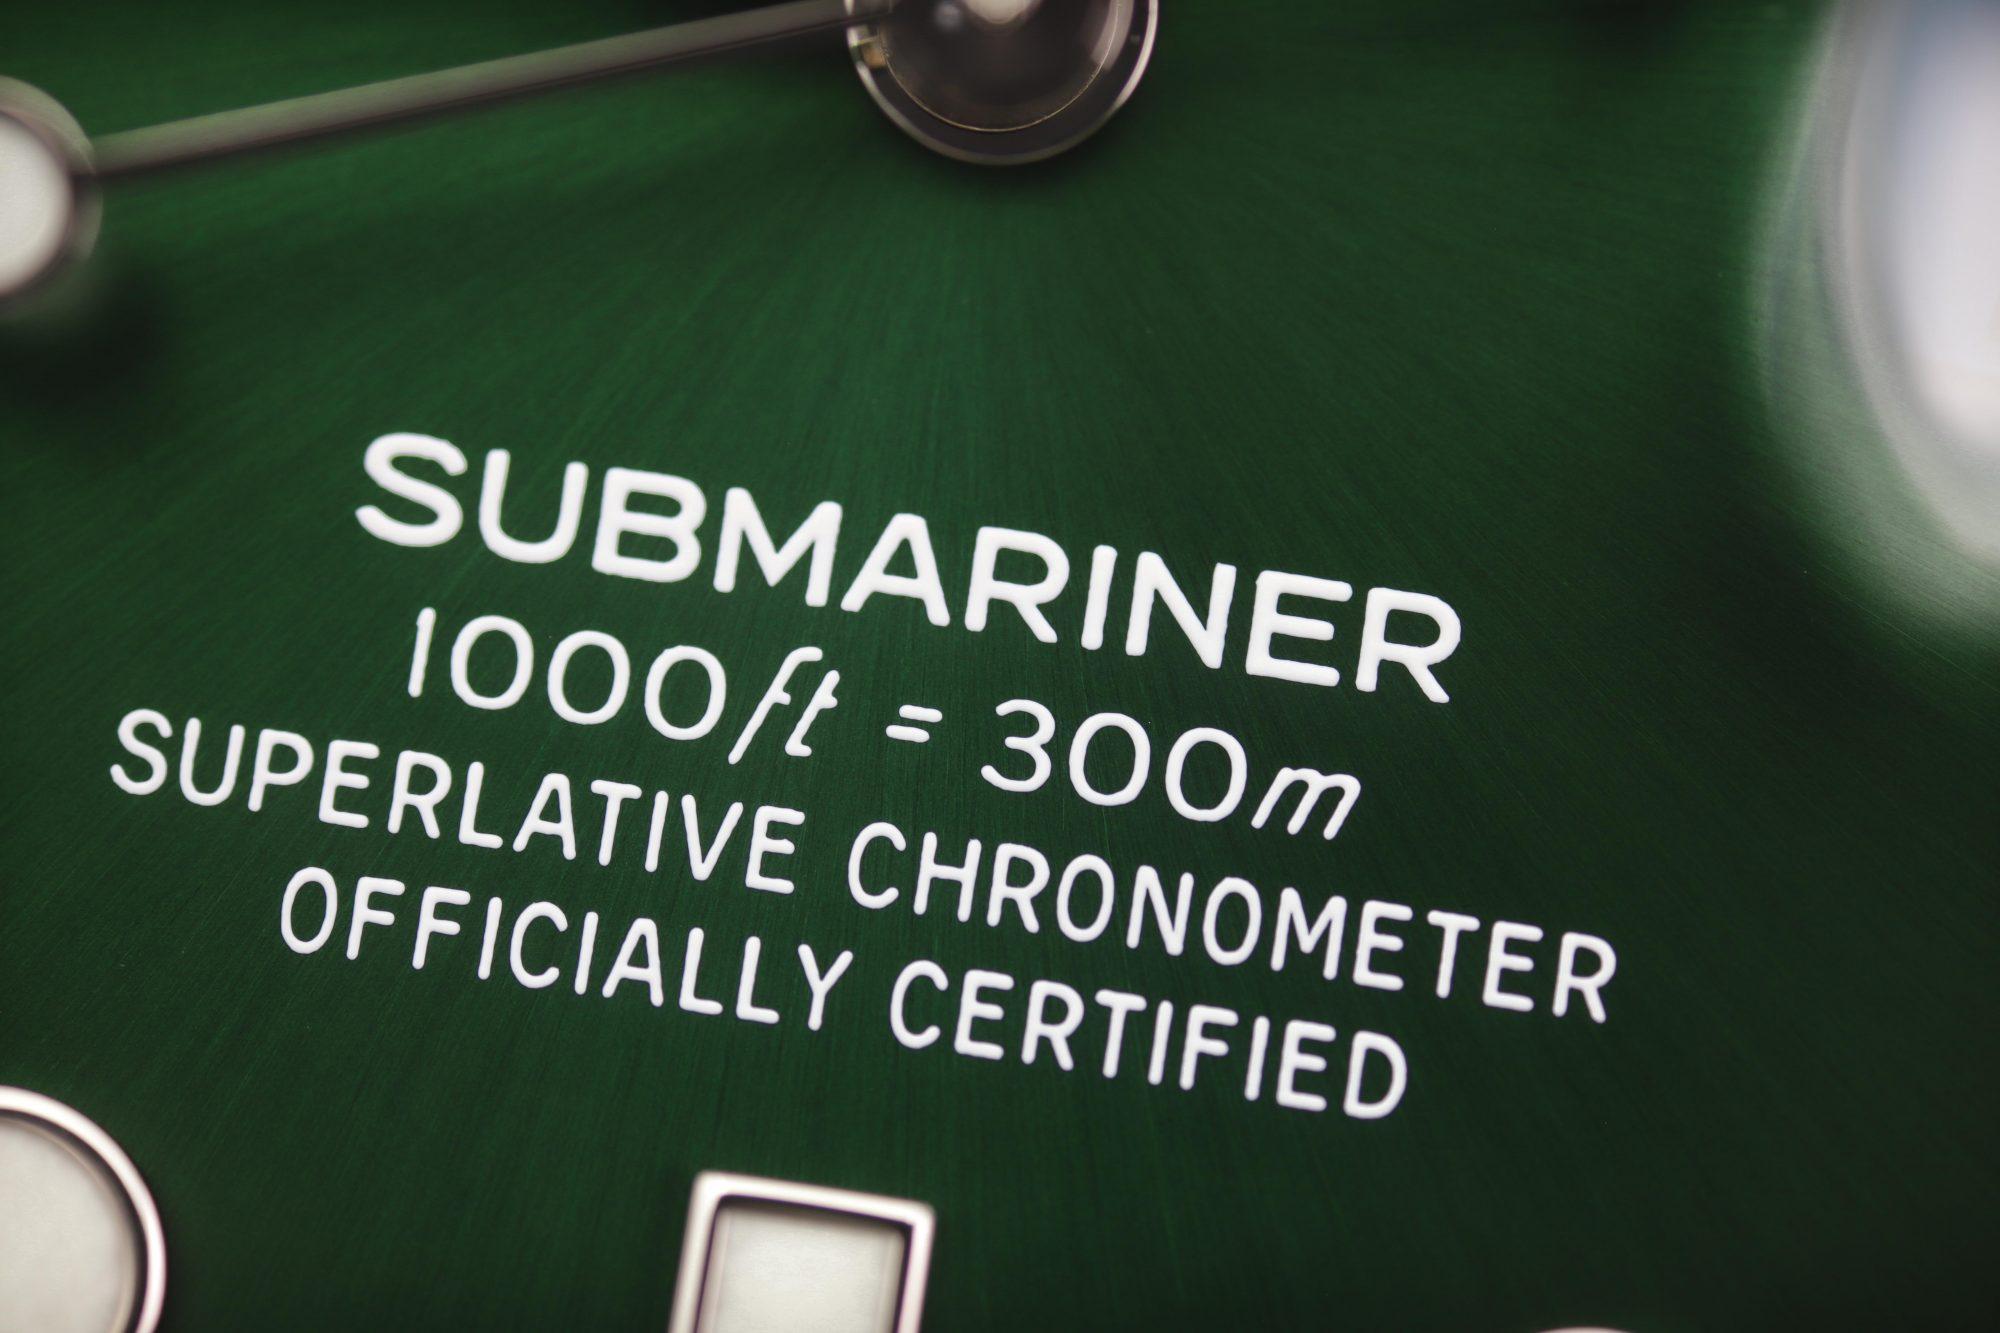 Rolex Submariner 116610LV dial